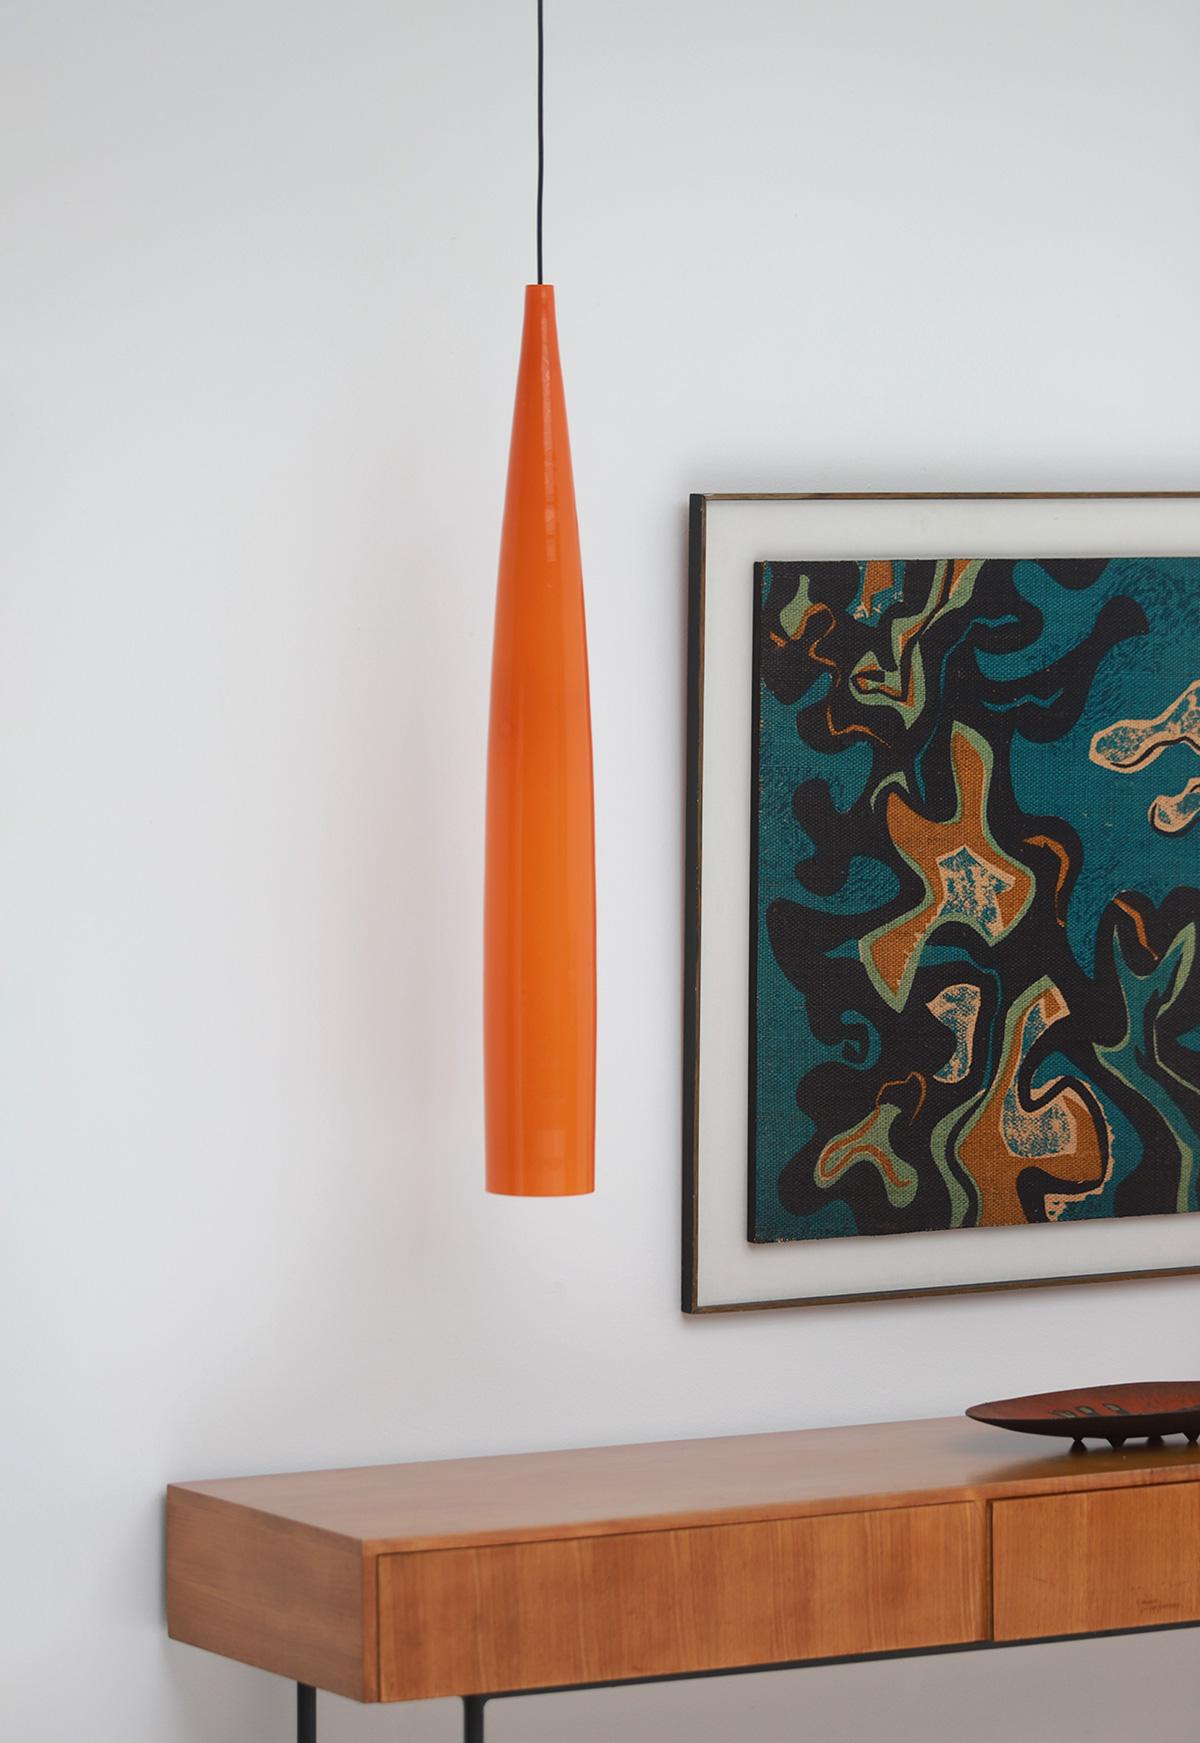 Orange tube pendant lamp by Gino Vistosiimage 1